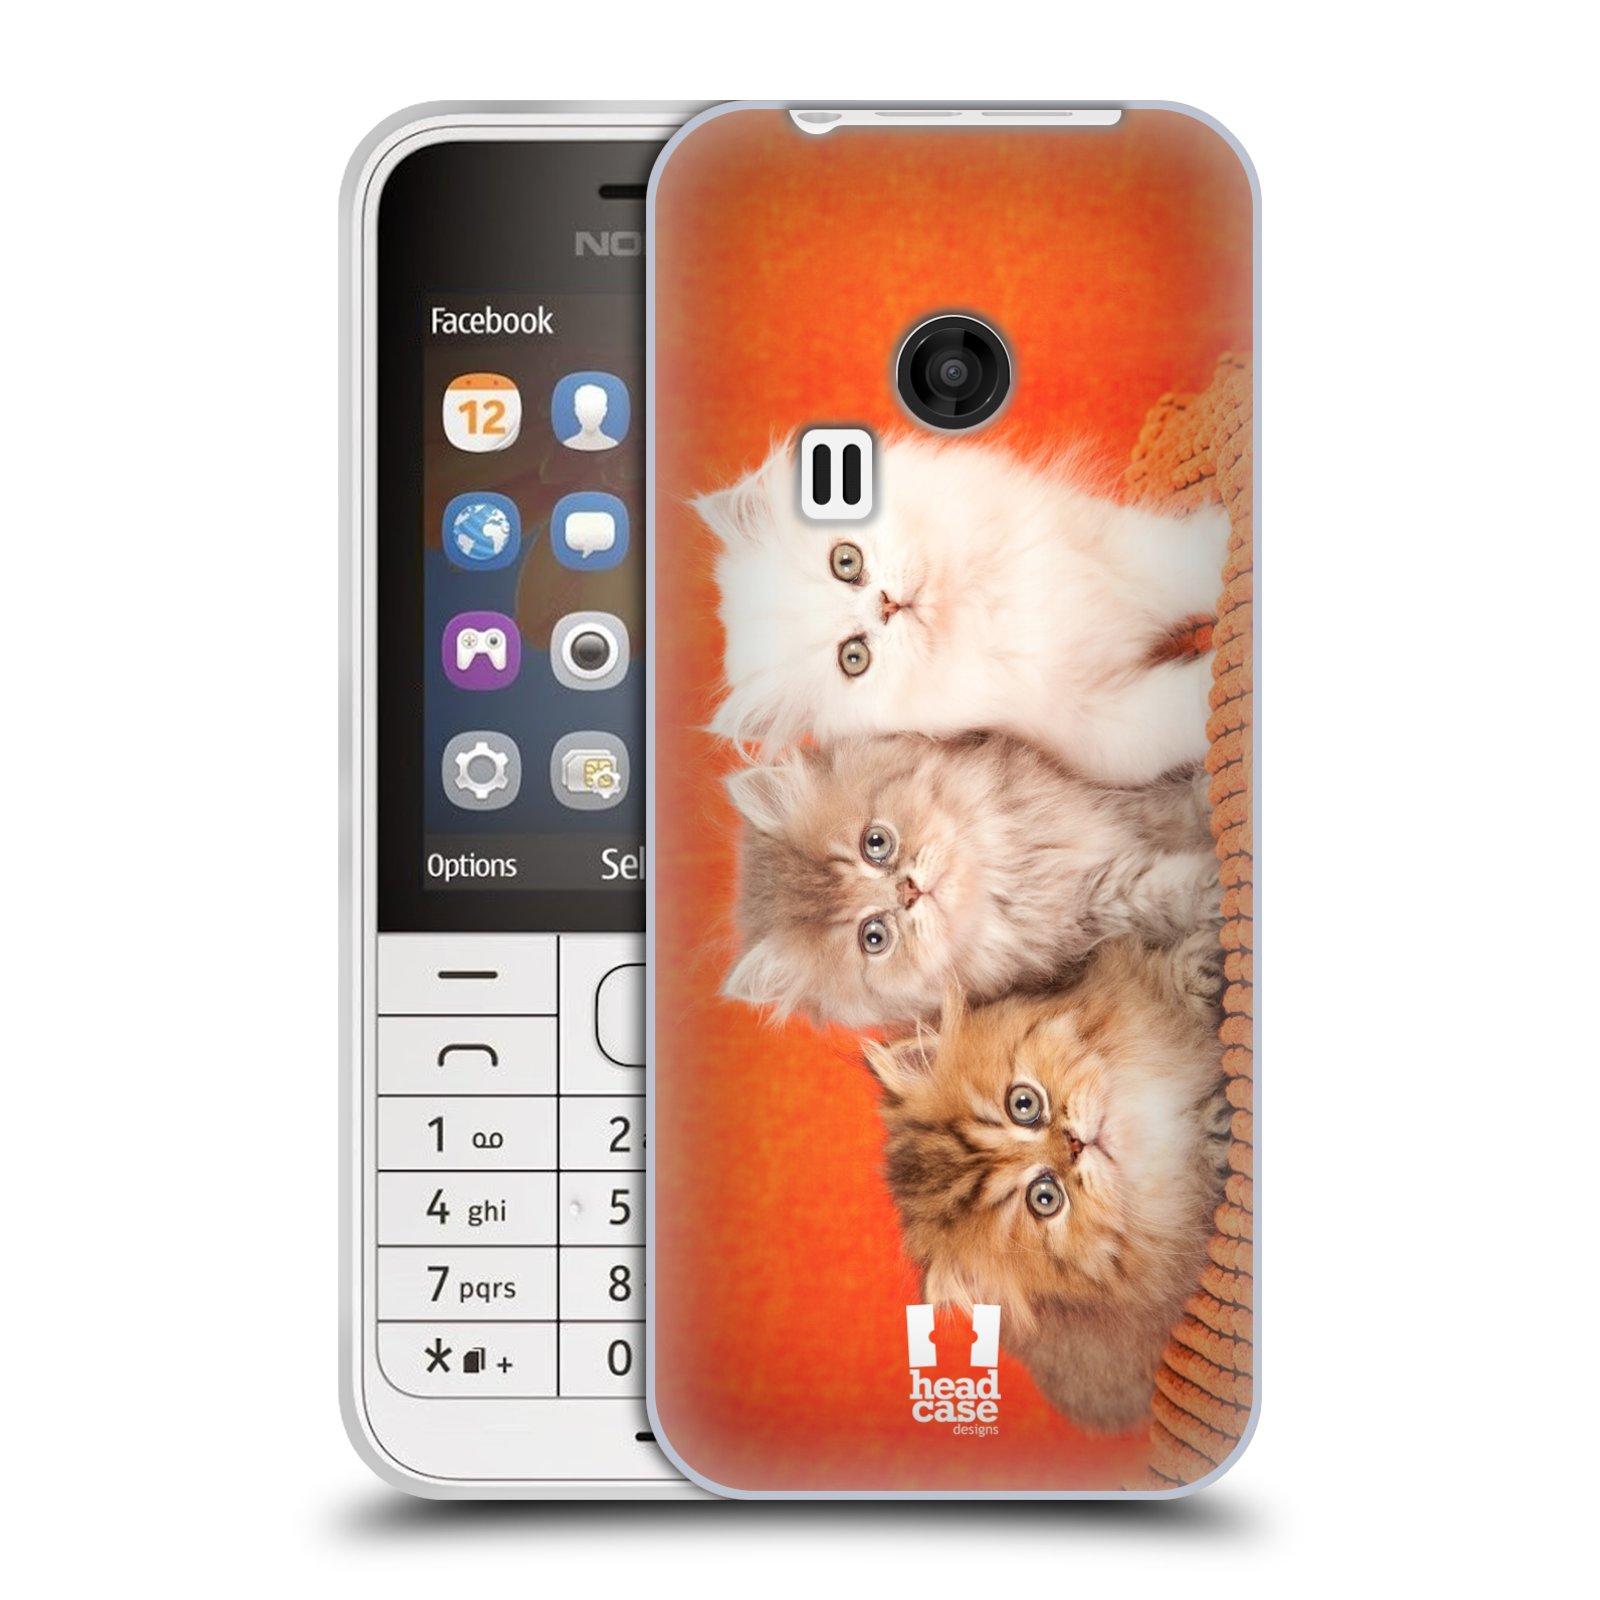 HEAD CASE silikonový obal na mobil NOKIA 220 / NOKIA 220 DUAL SIM vzor Kočičky koťata foto 3 kočky